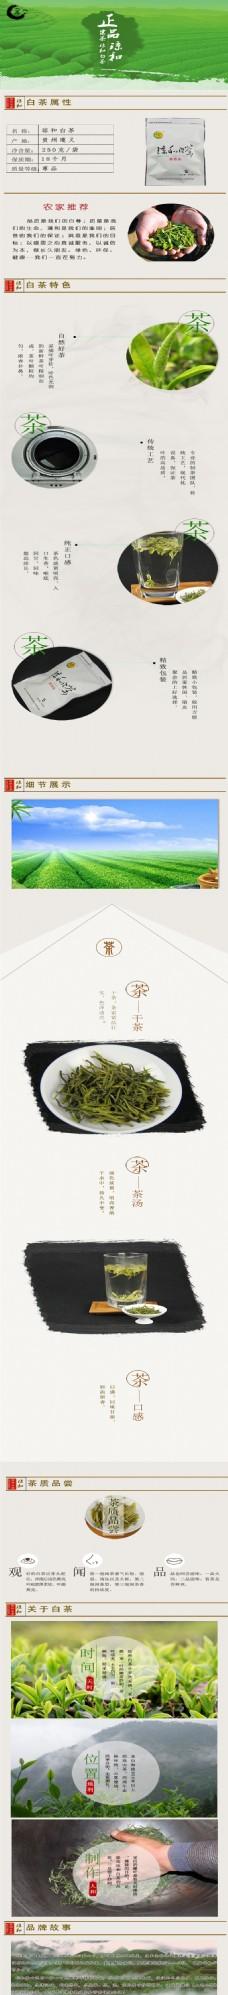 淘宝详情页琼和白茶(散装)